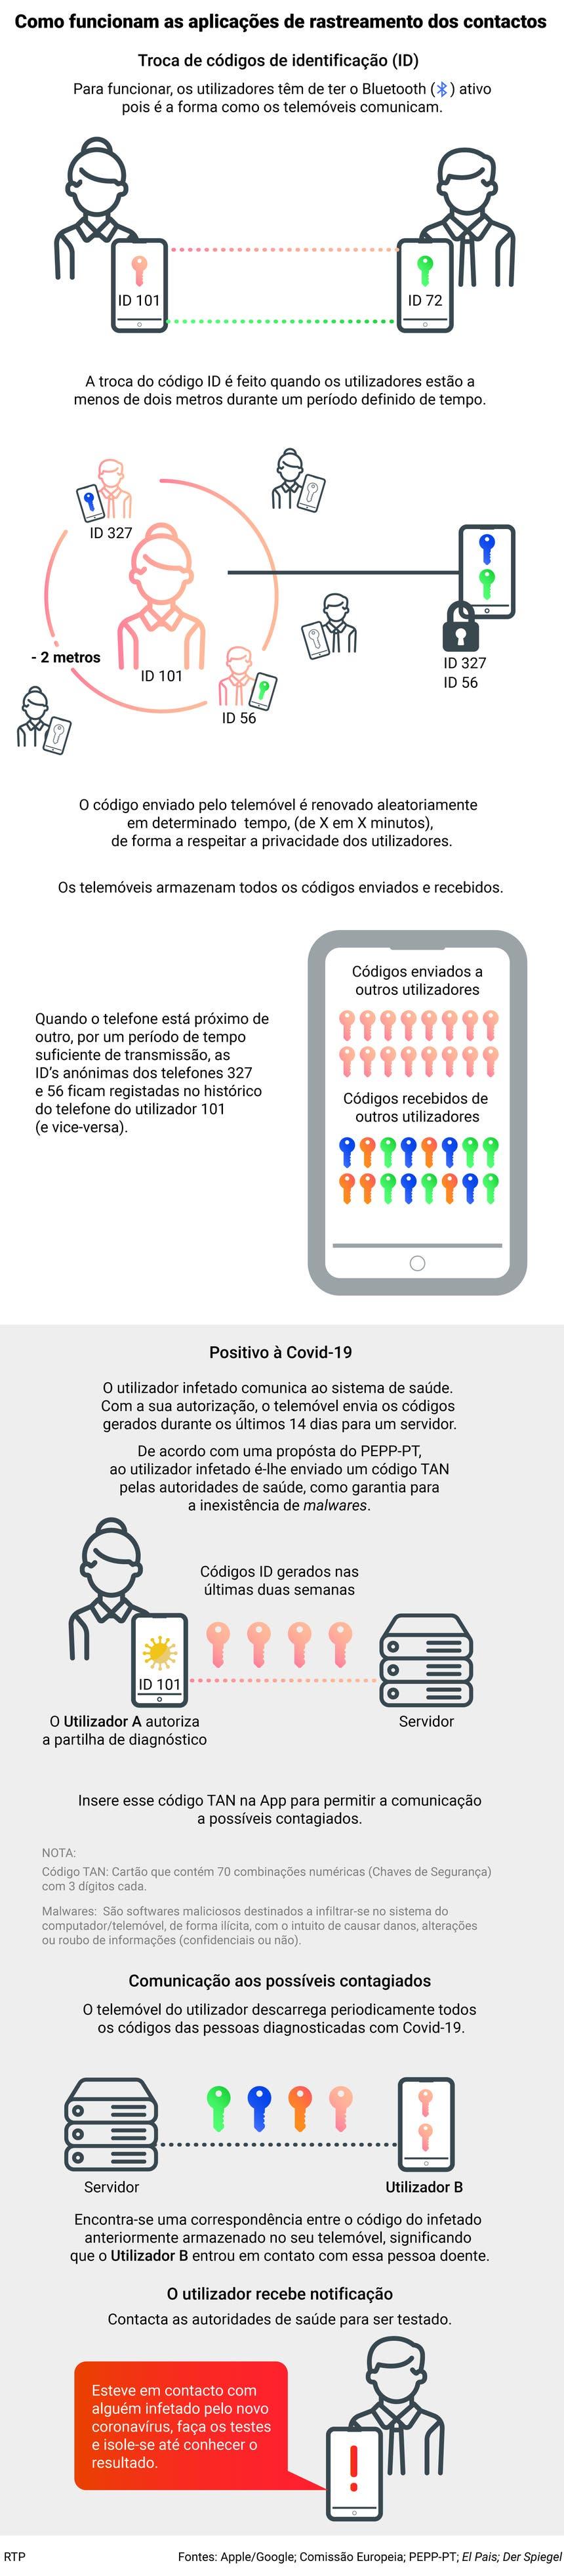 COVID-19: Afinal como funcionam as soluções para rastrear contactos?